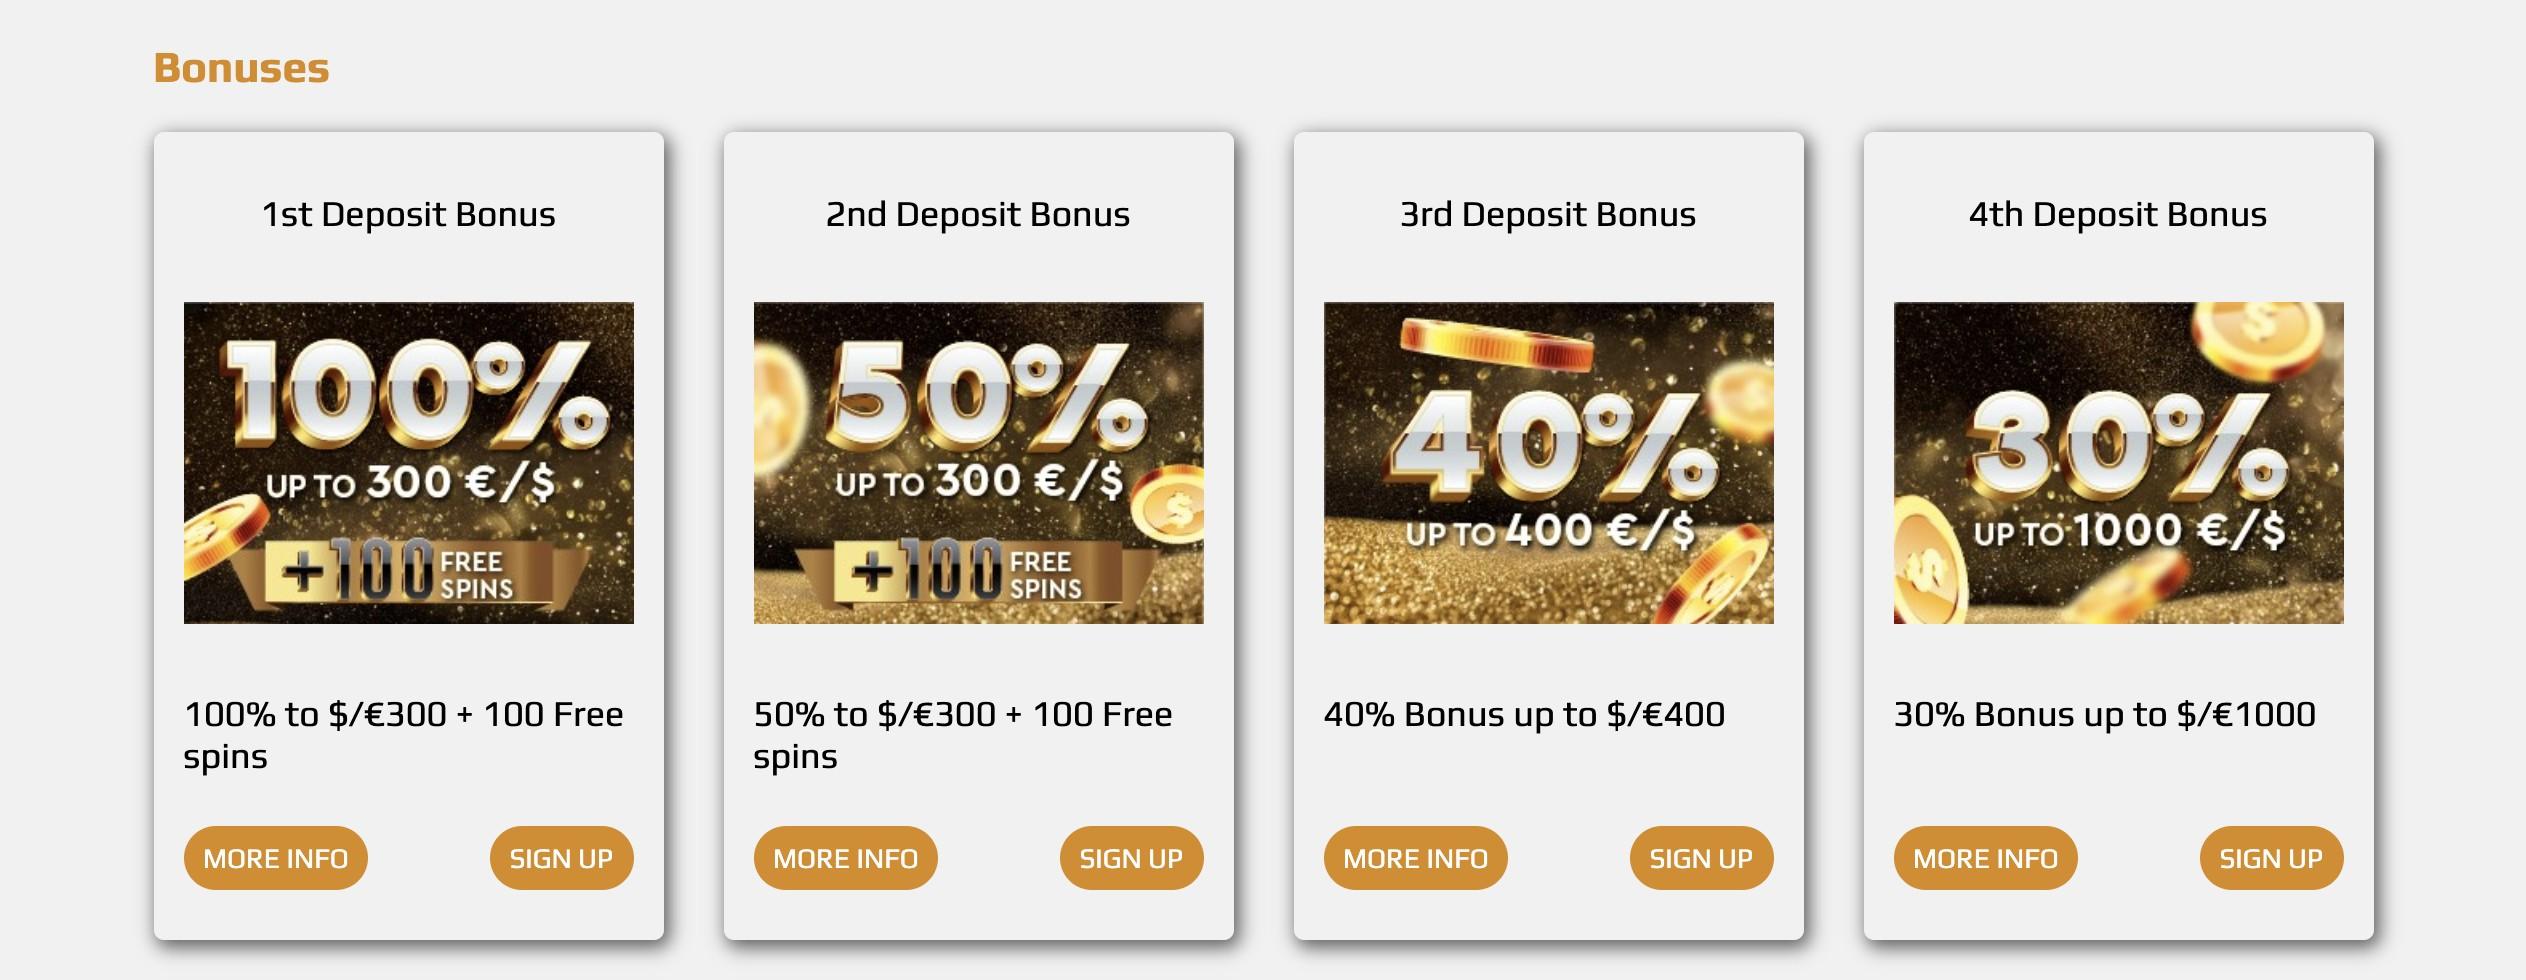 Bonuses at Zev Casino